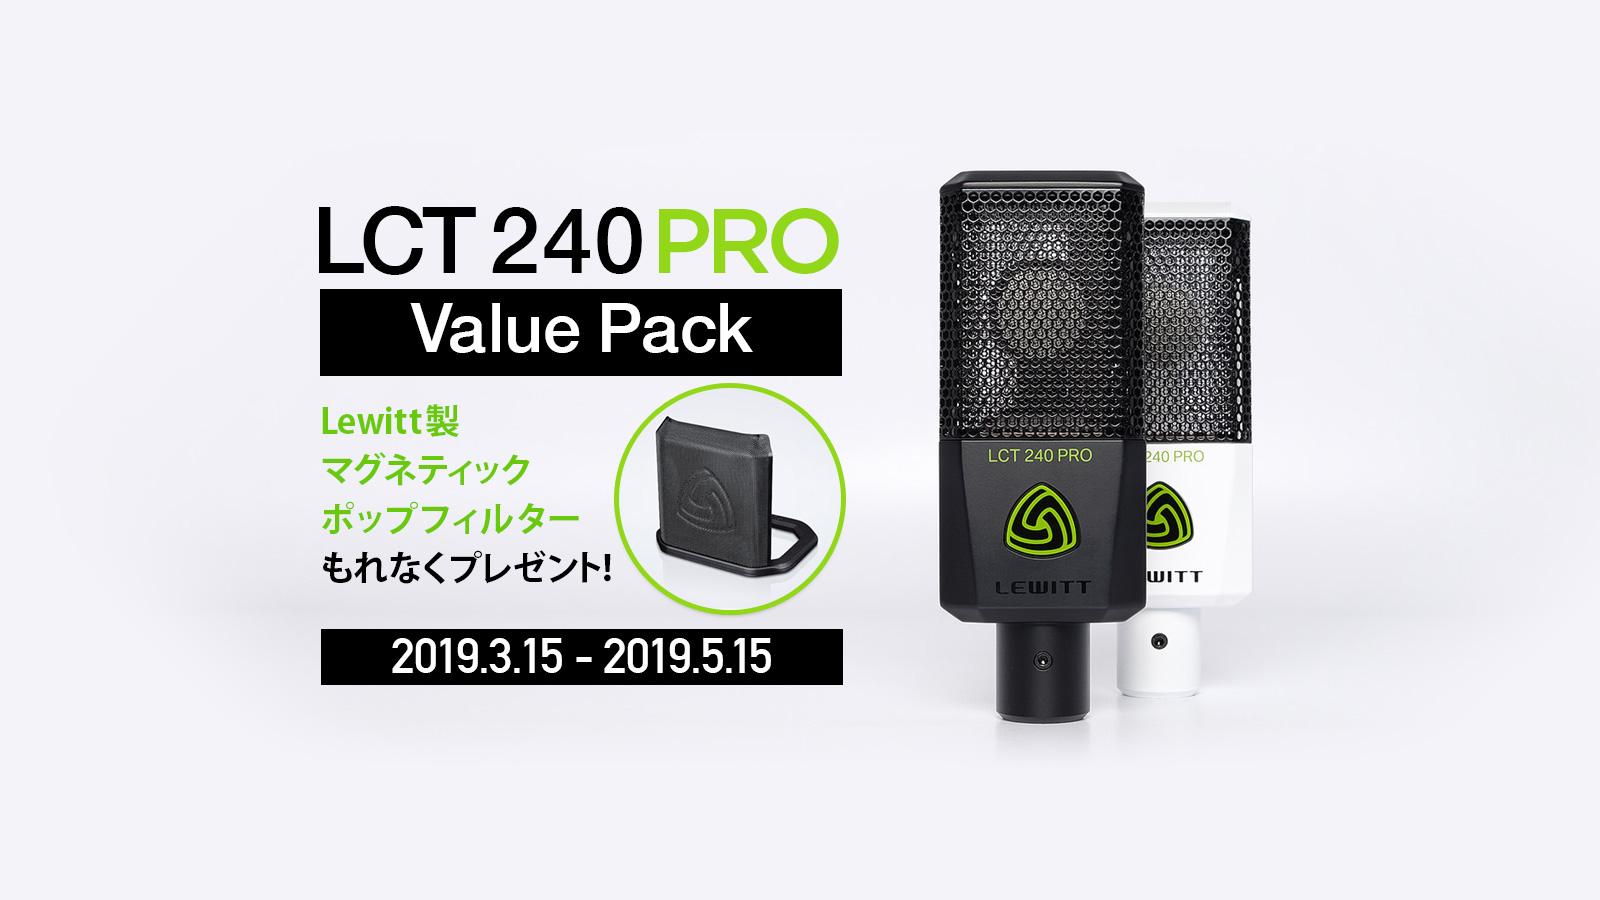 今ならポップフィルターが付いてくる!<br>Lewitt LCT 240 Pro Value Pack + Pop Filter プロモーション